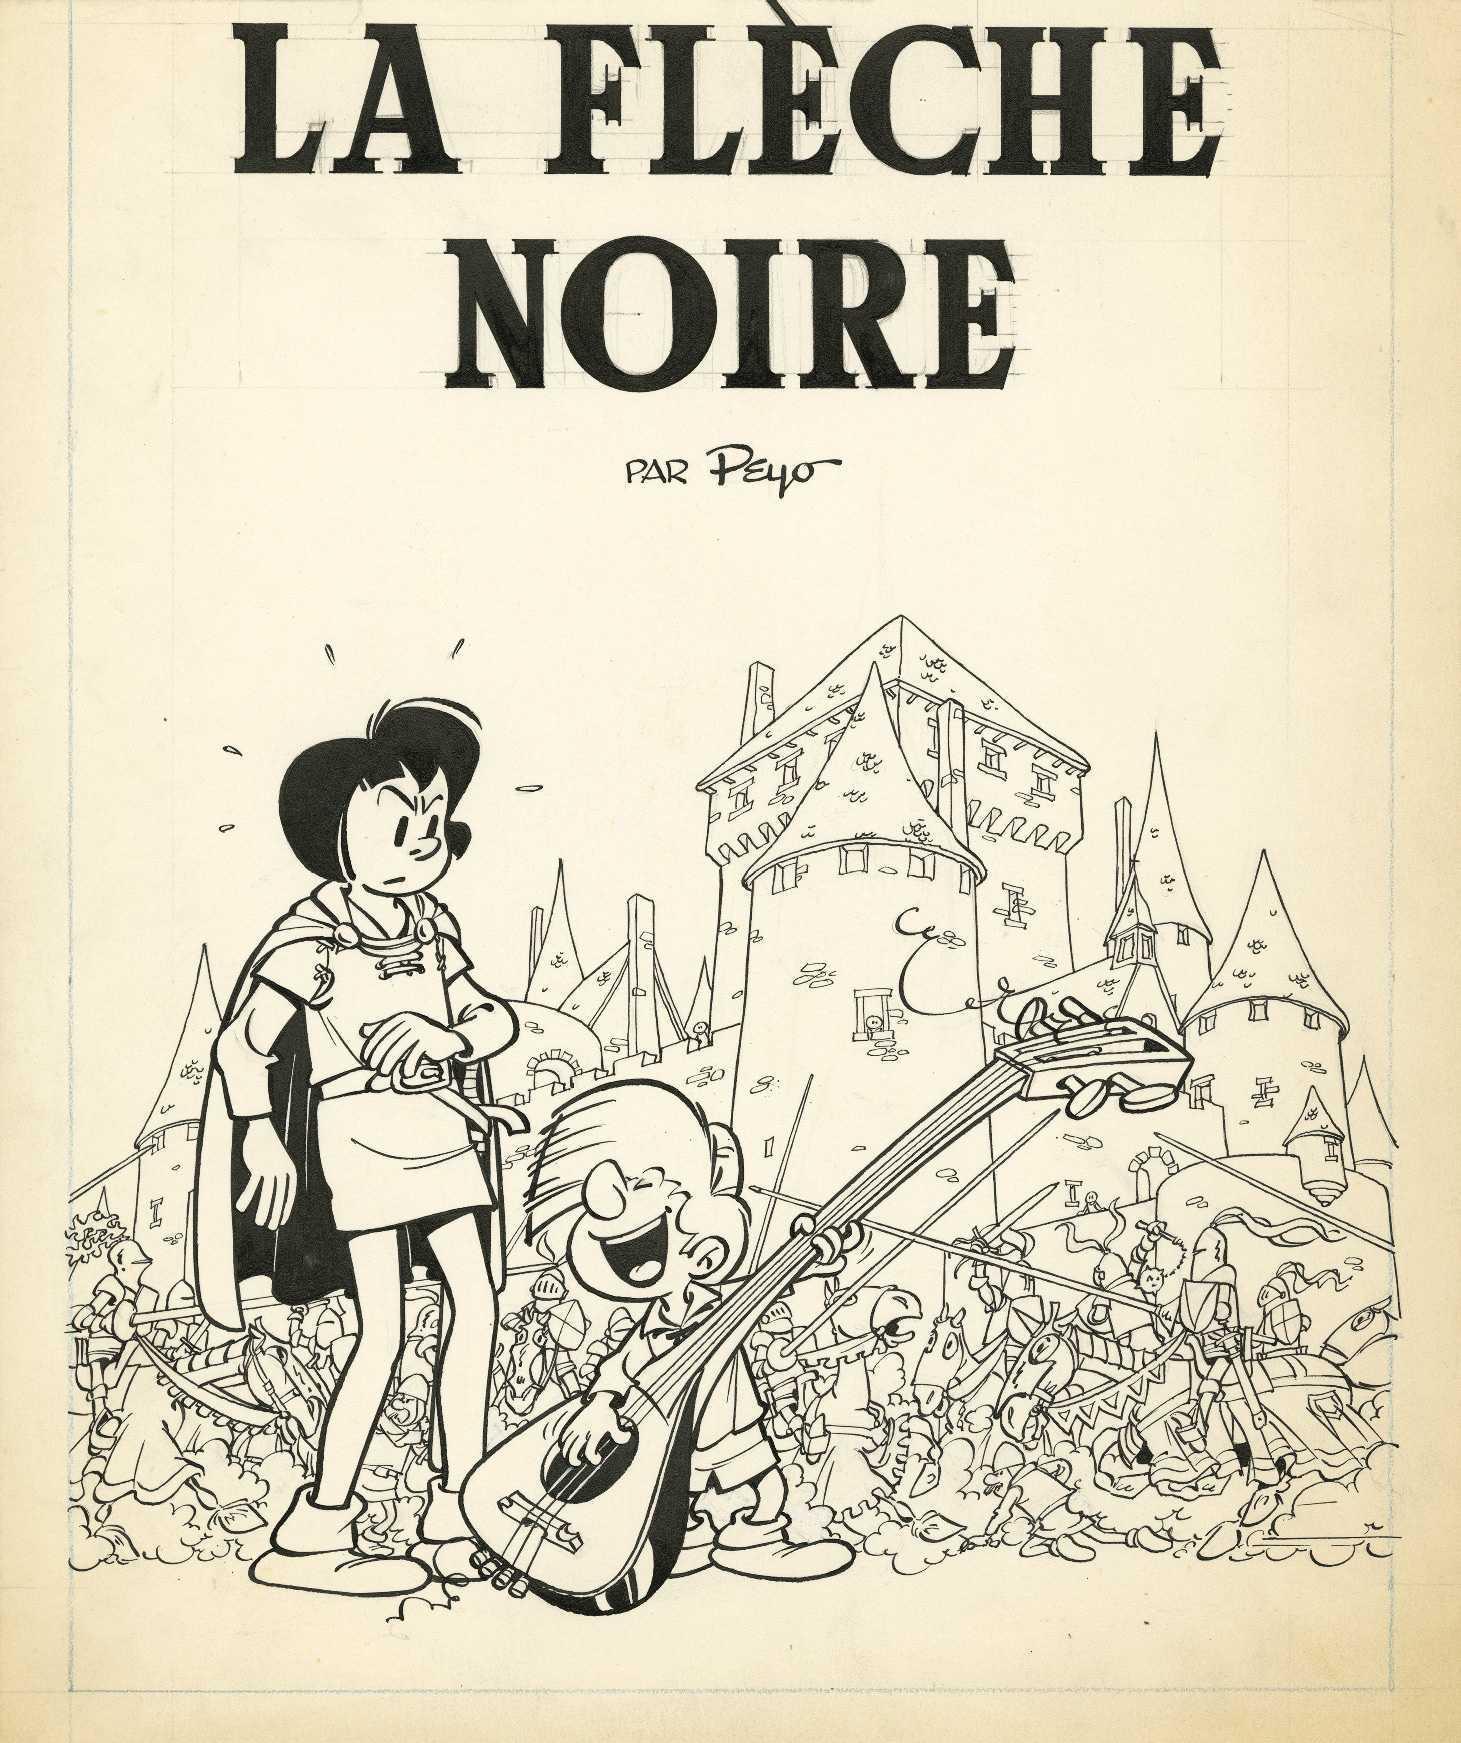 Peyo, Franquin, Hubinon, Jacobs, Hergé, Uderzo, Giraud, Greg, pour une vente d'exception à Bruxelles le 11 décembre chez Huberty & Breyne